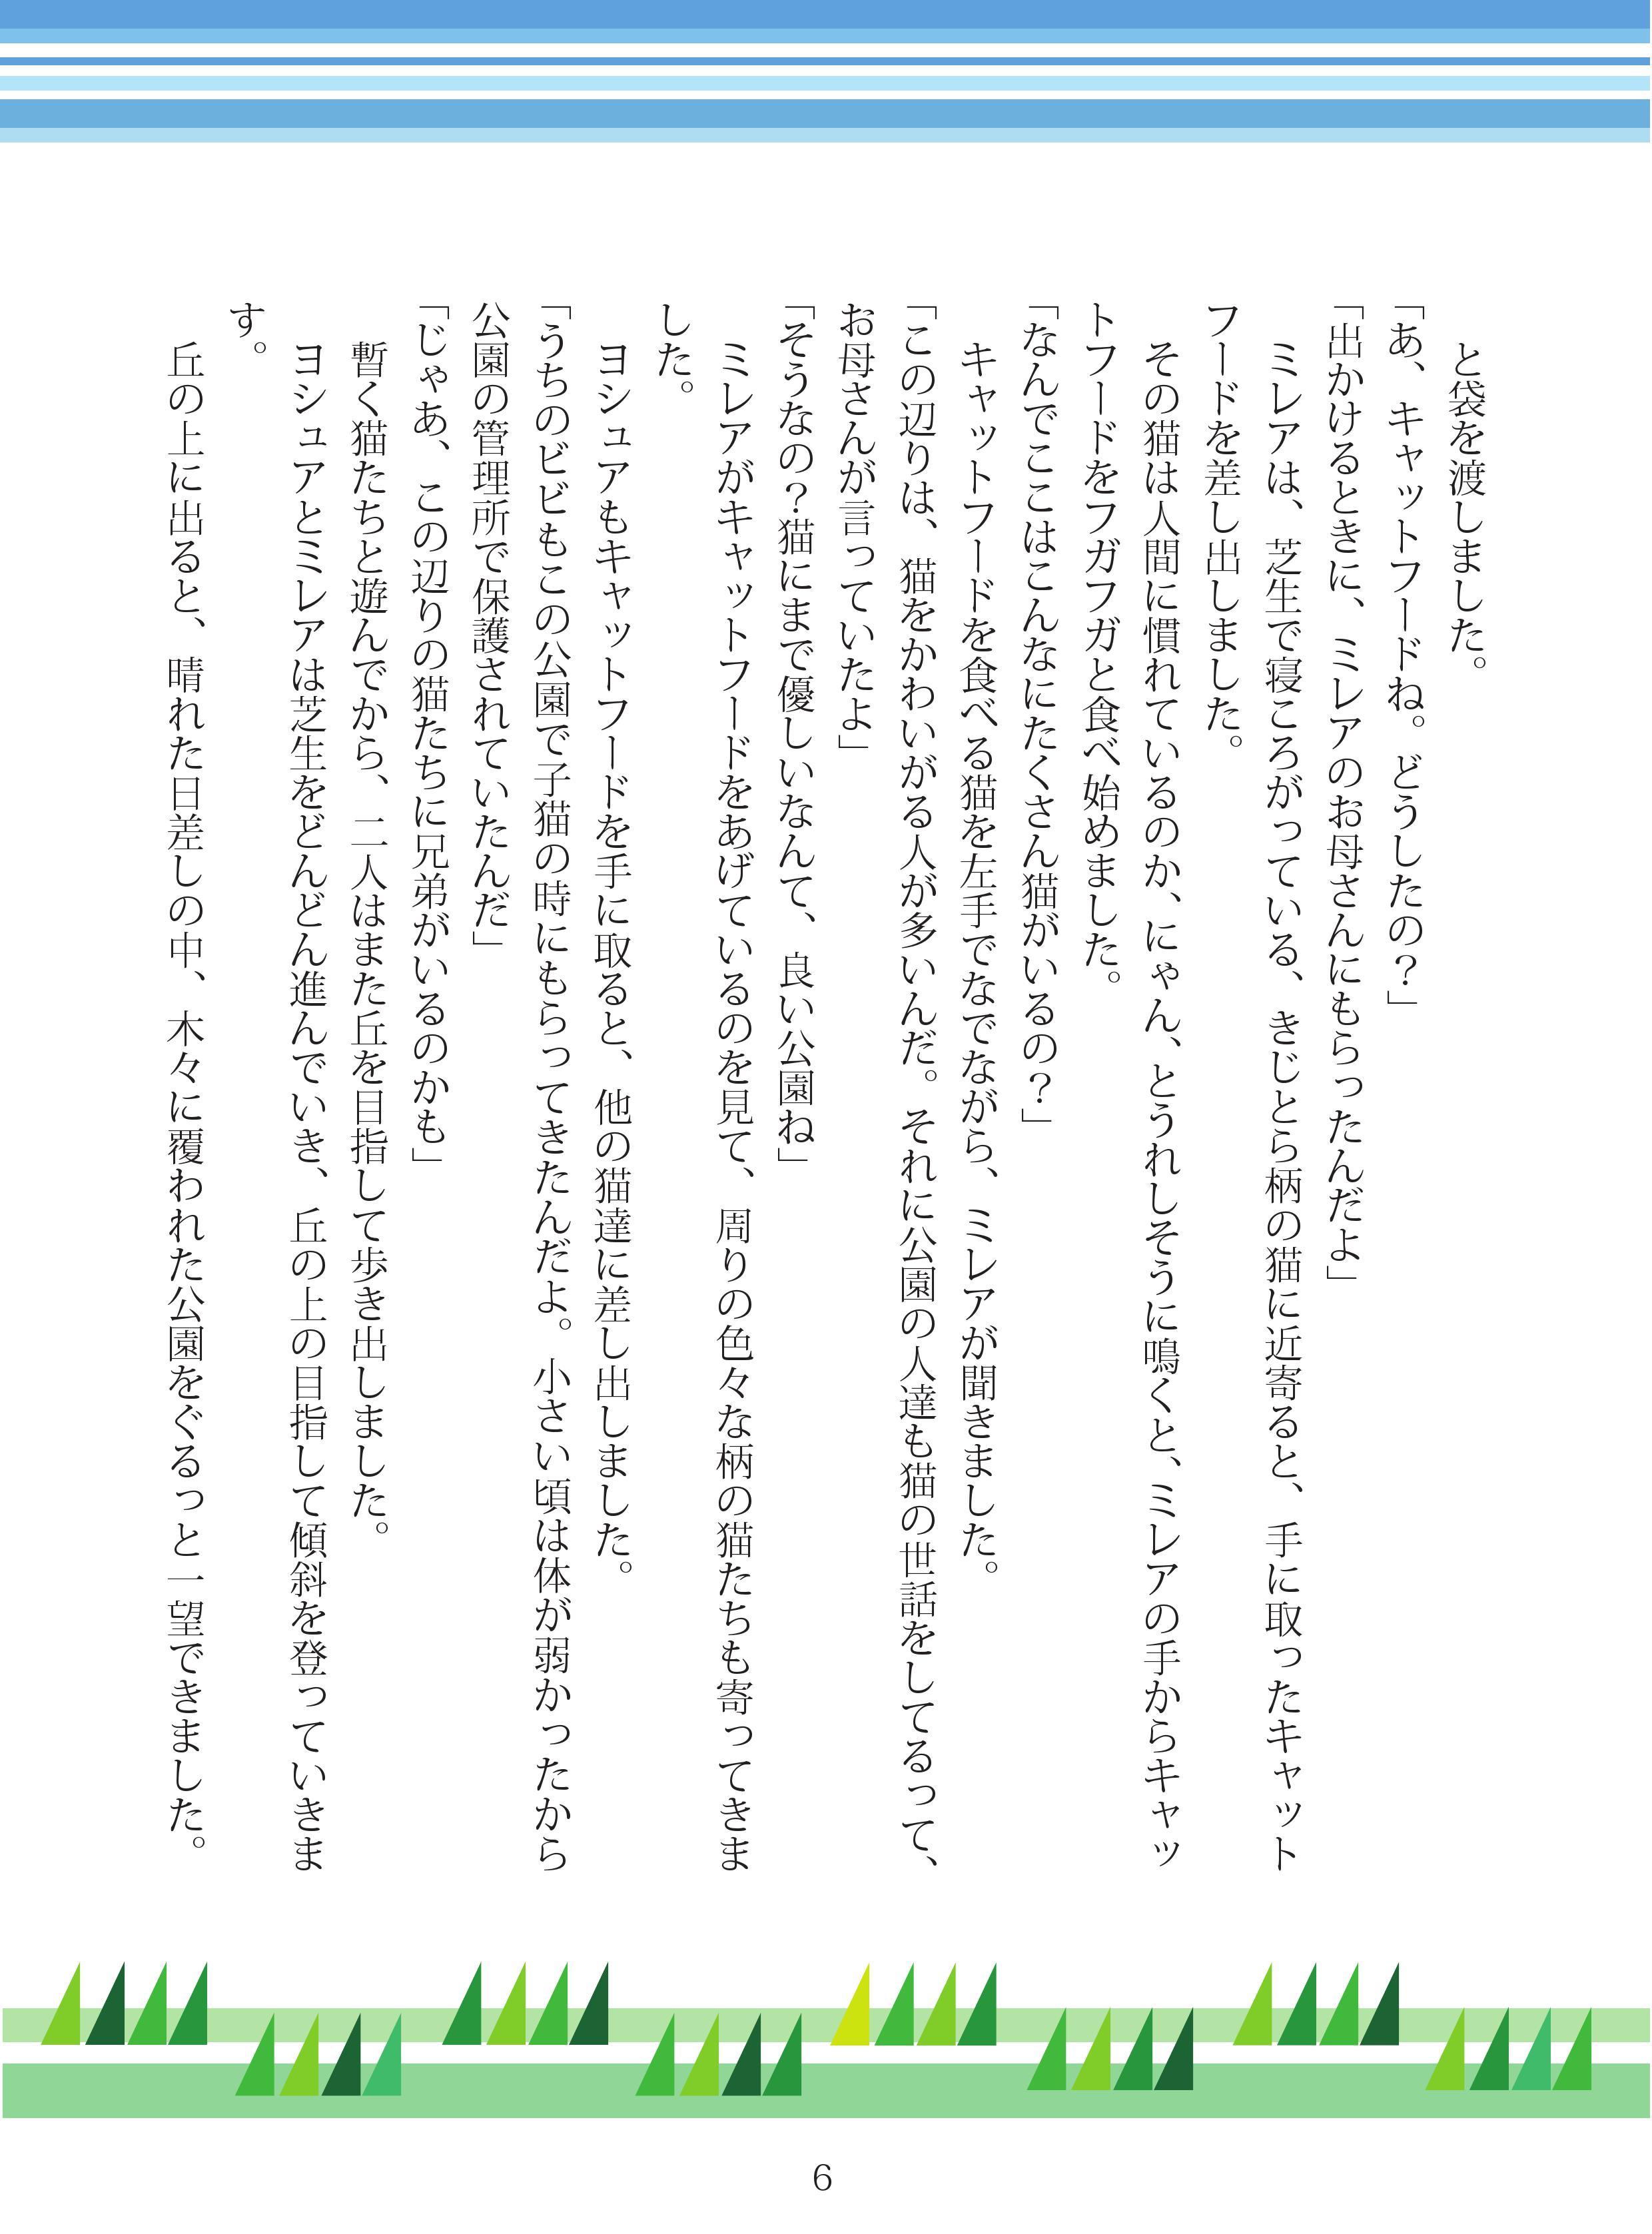 image_007